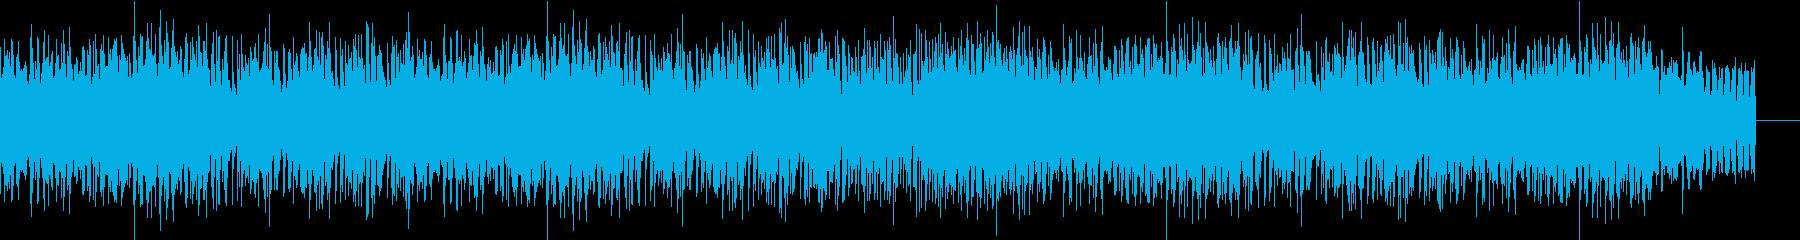 シューティングゲームの再生済みの波形